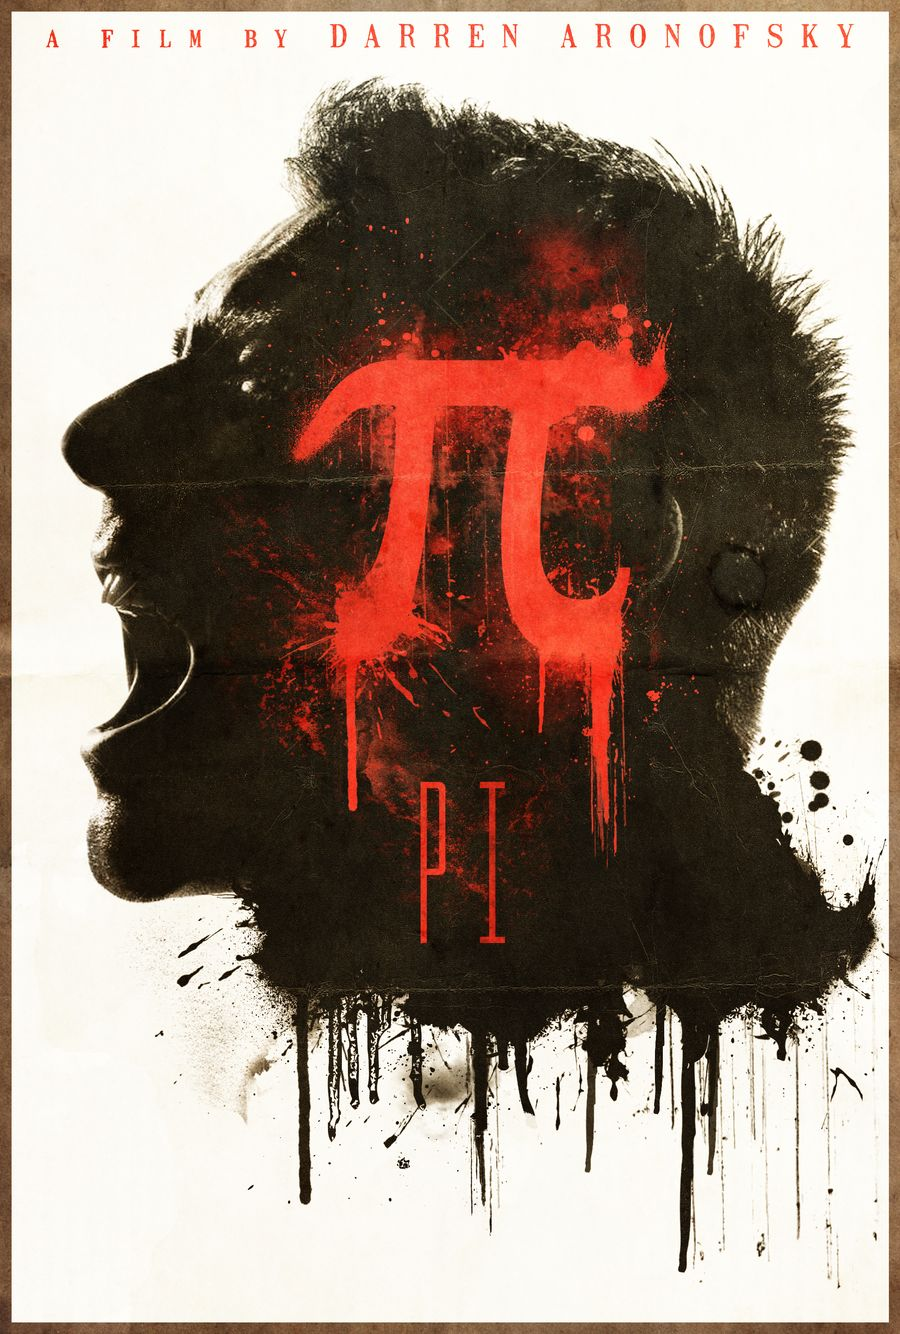 Pi (1998) - Thescriptblog.com